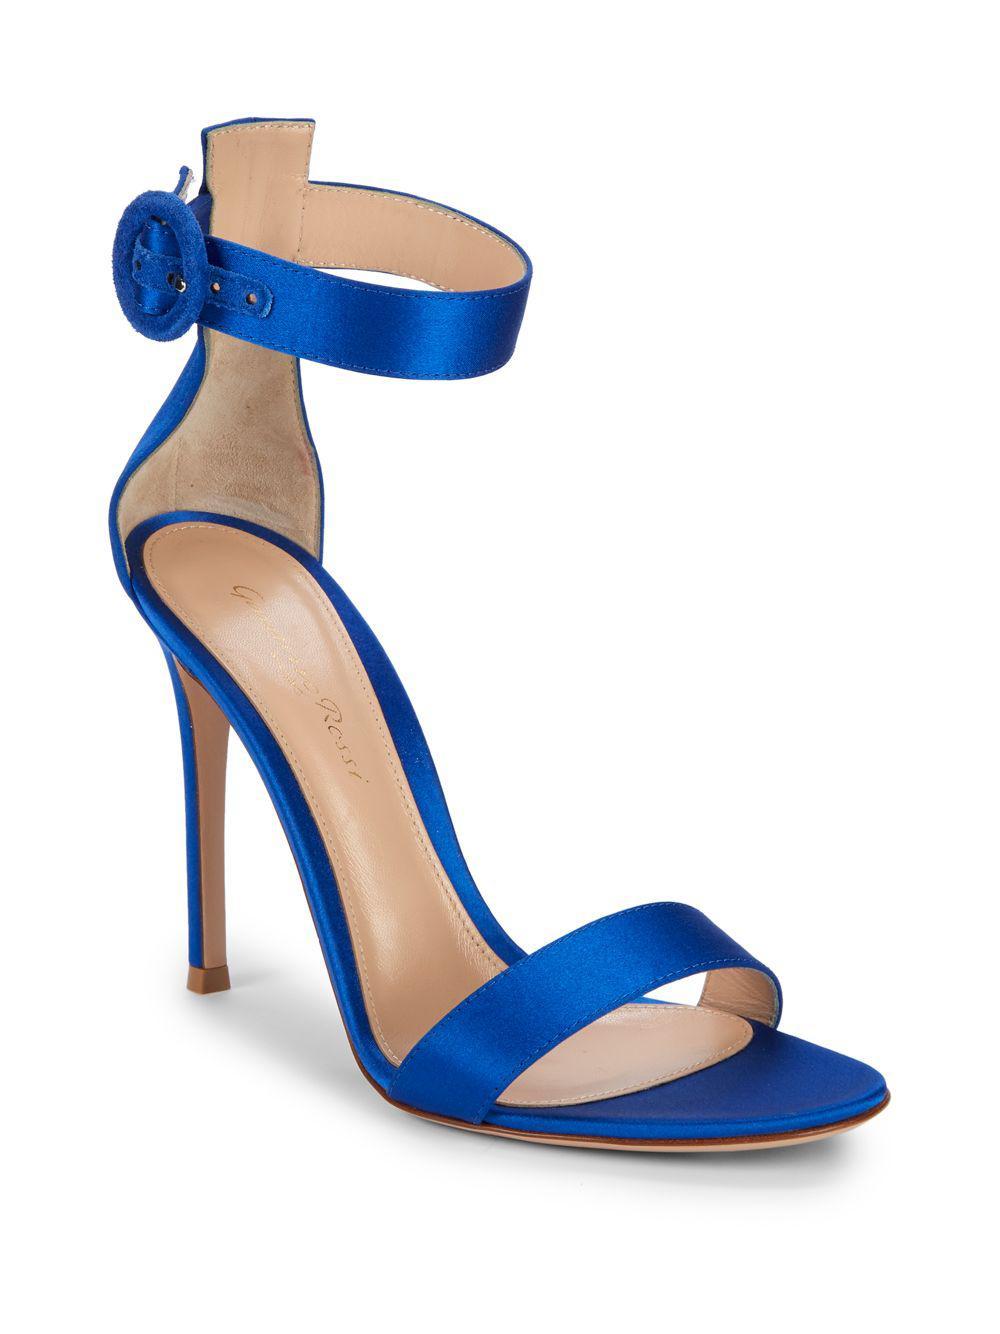 4b22216ca45c Lyst - Gianvito Rossi Portofino Satin Ankle-strap Sandals in Blue